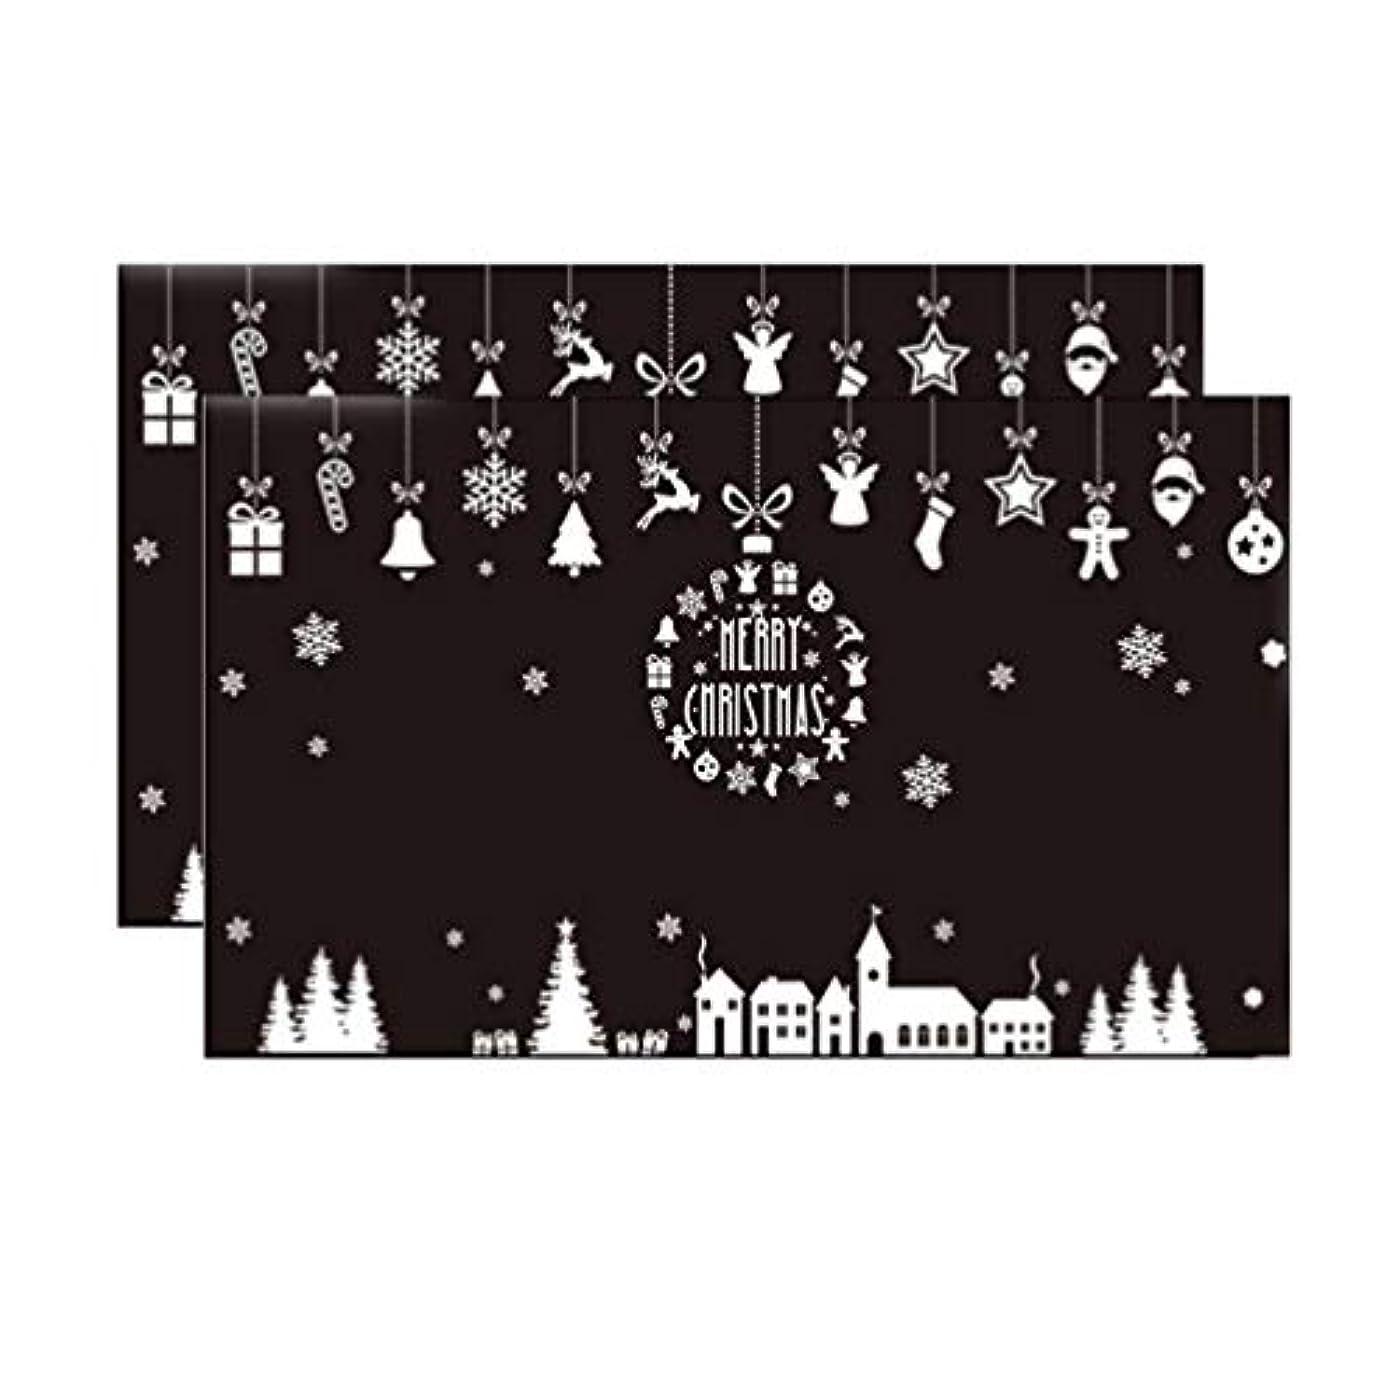 シャーロックホームズ遺棄されたコーナーSUPVOX 2枚のクリスマスウィンドウにしがみつく装飾スノーフレークウィンドウデカールステッカークリスマス冬のホリデーパーティー用品好意